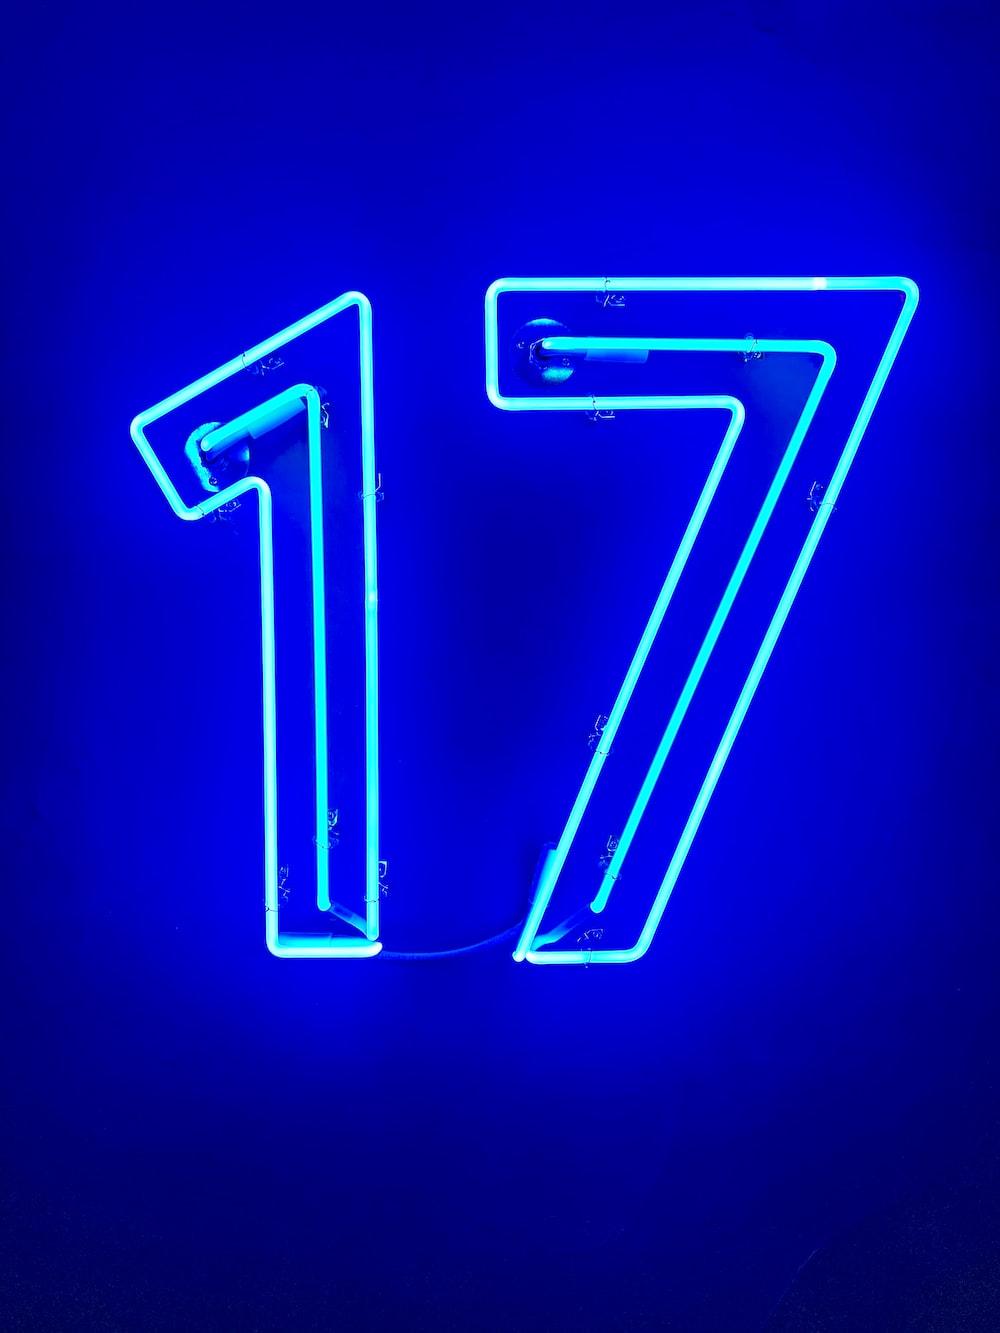 blue letter y on blue background